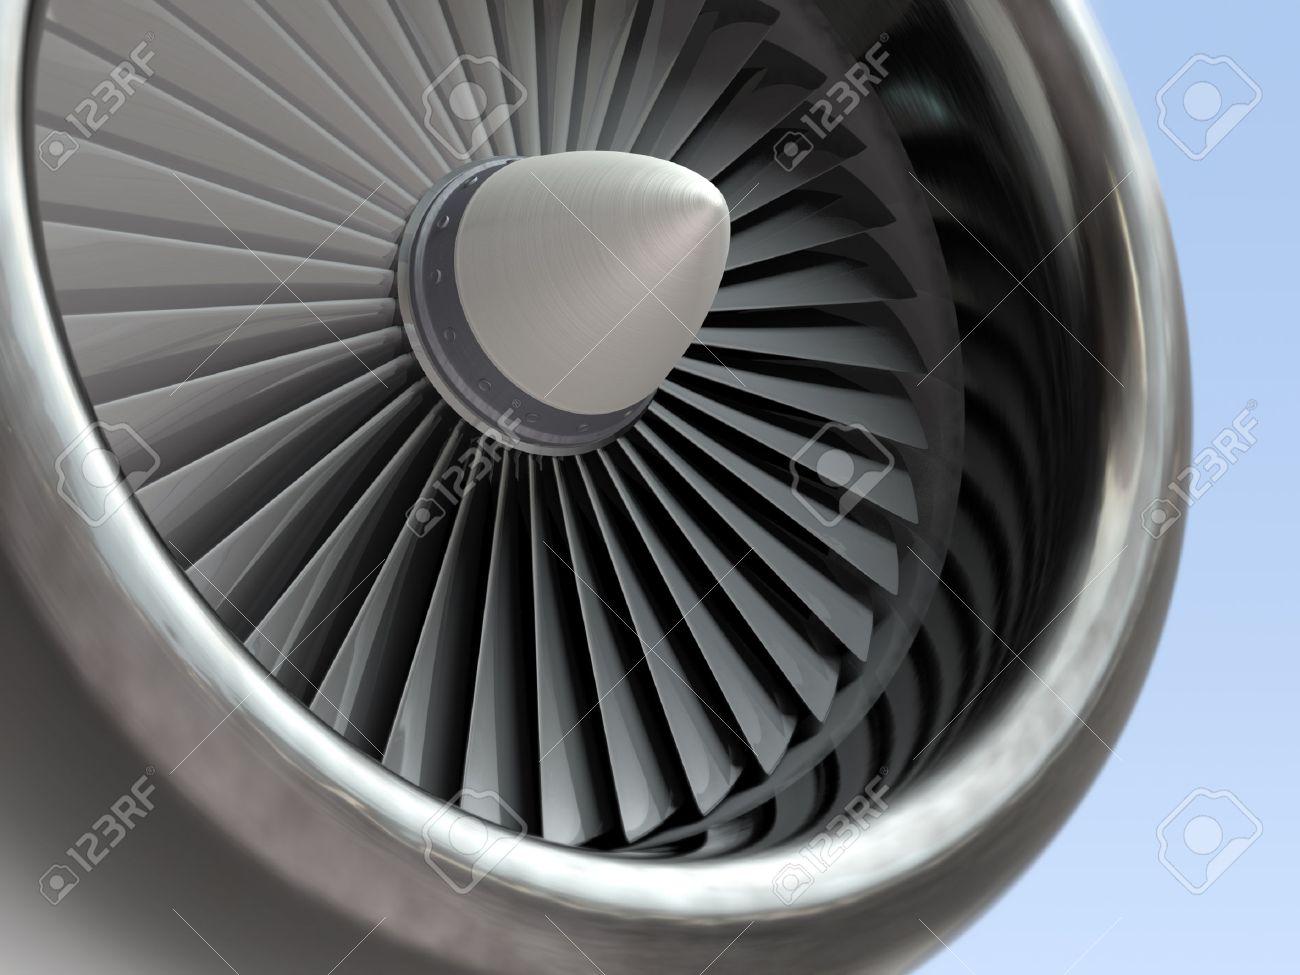 Jet engine, turbine blades of airplane, 3d illustration - 48641851